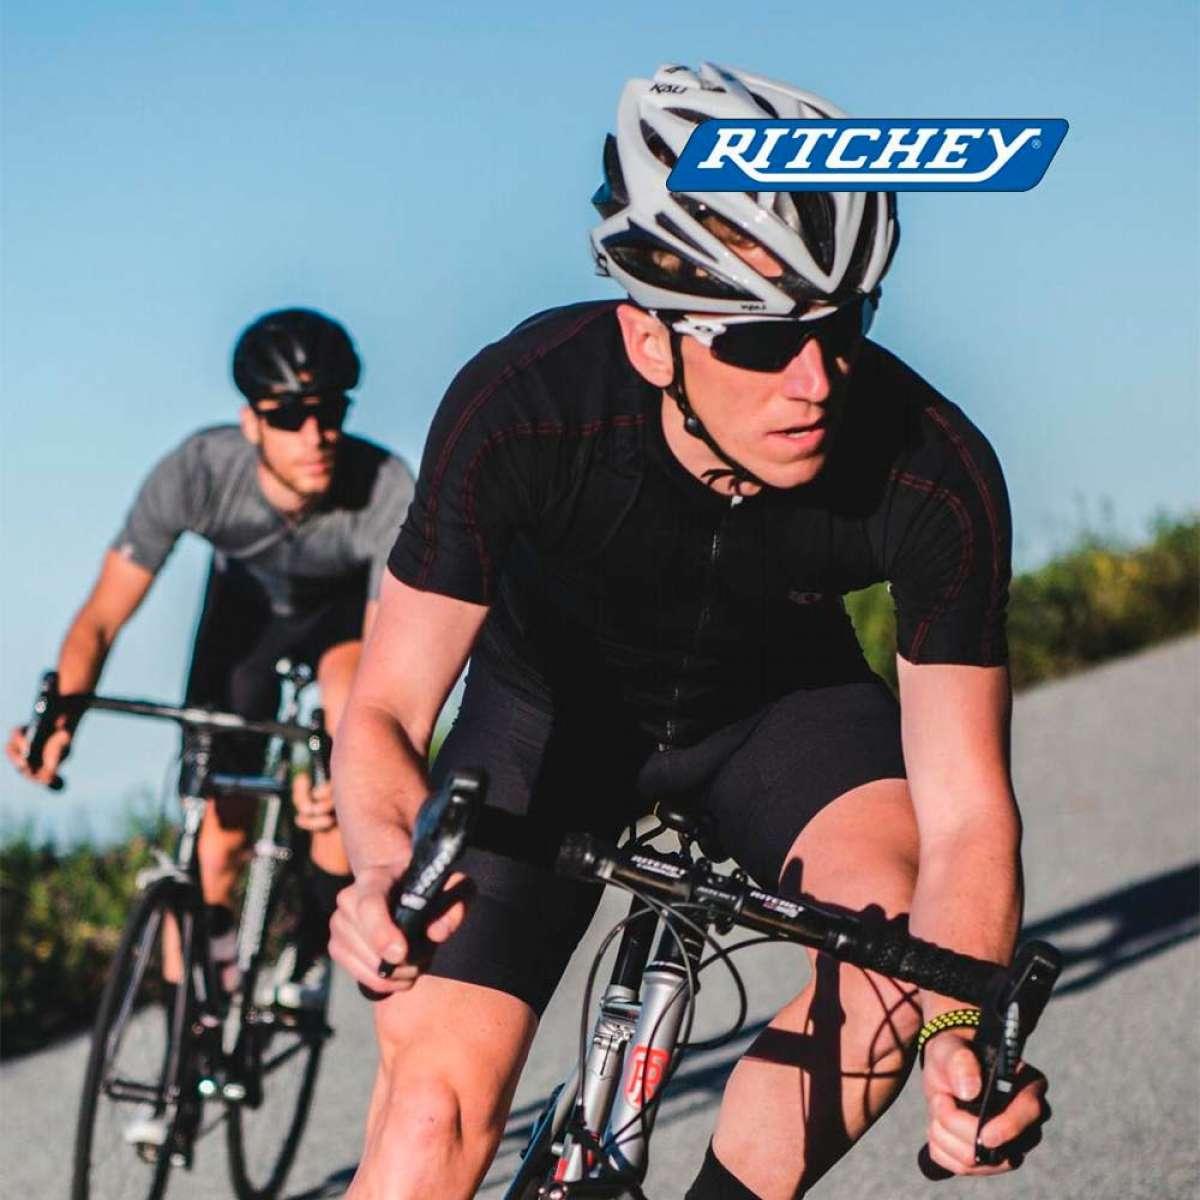 Catálogo de Ritchey 2019. Toda la gama de componentes Ritchey para la temporada 2019